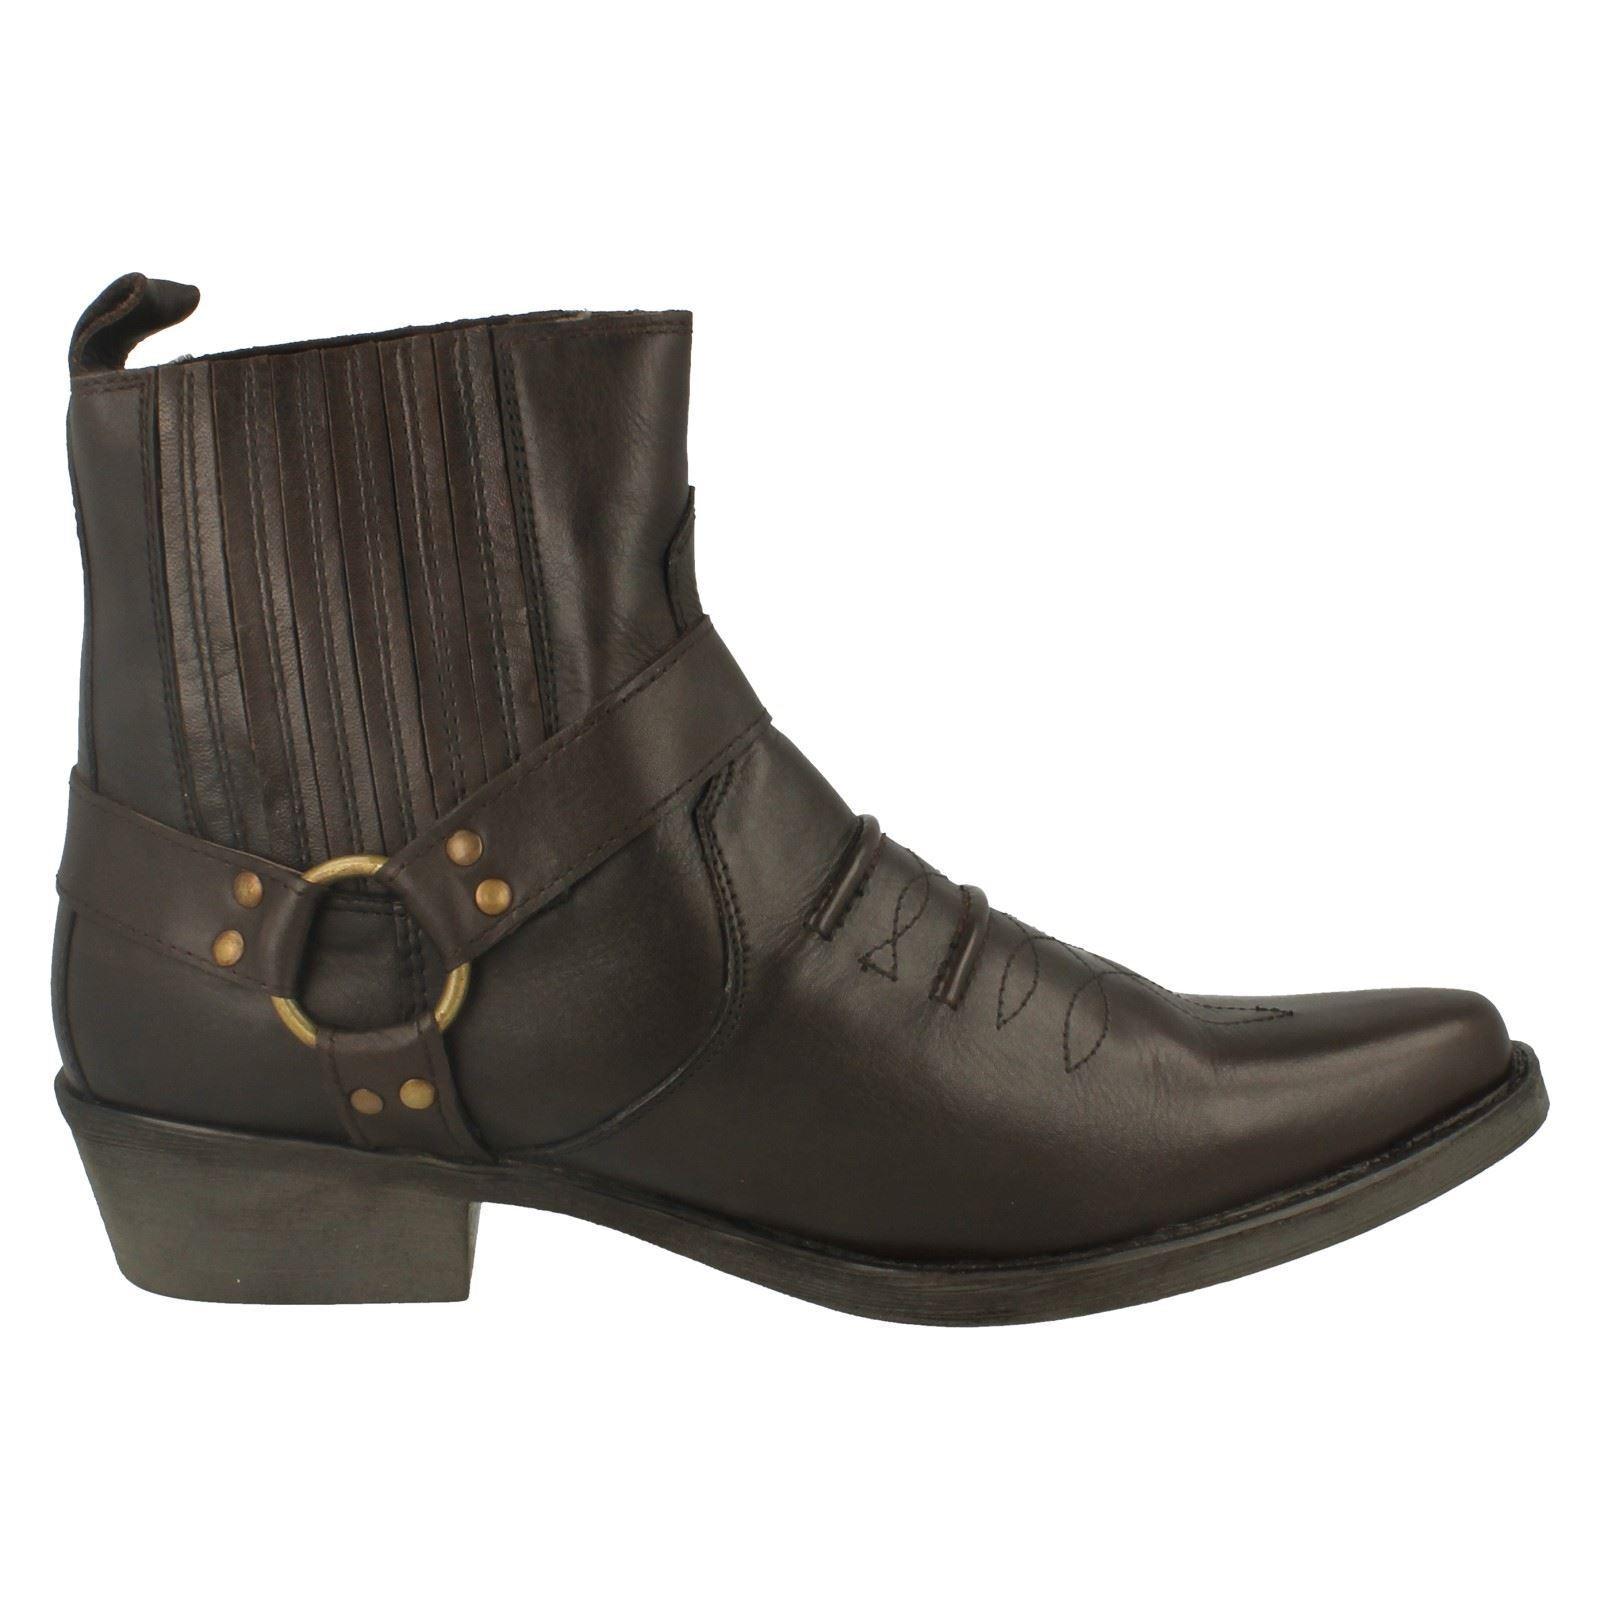 Maverick A3003 Mens-tan Farbe Leder Stiefel oben Cowboy Stiefel Leder d6f9de